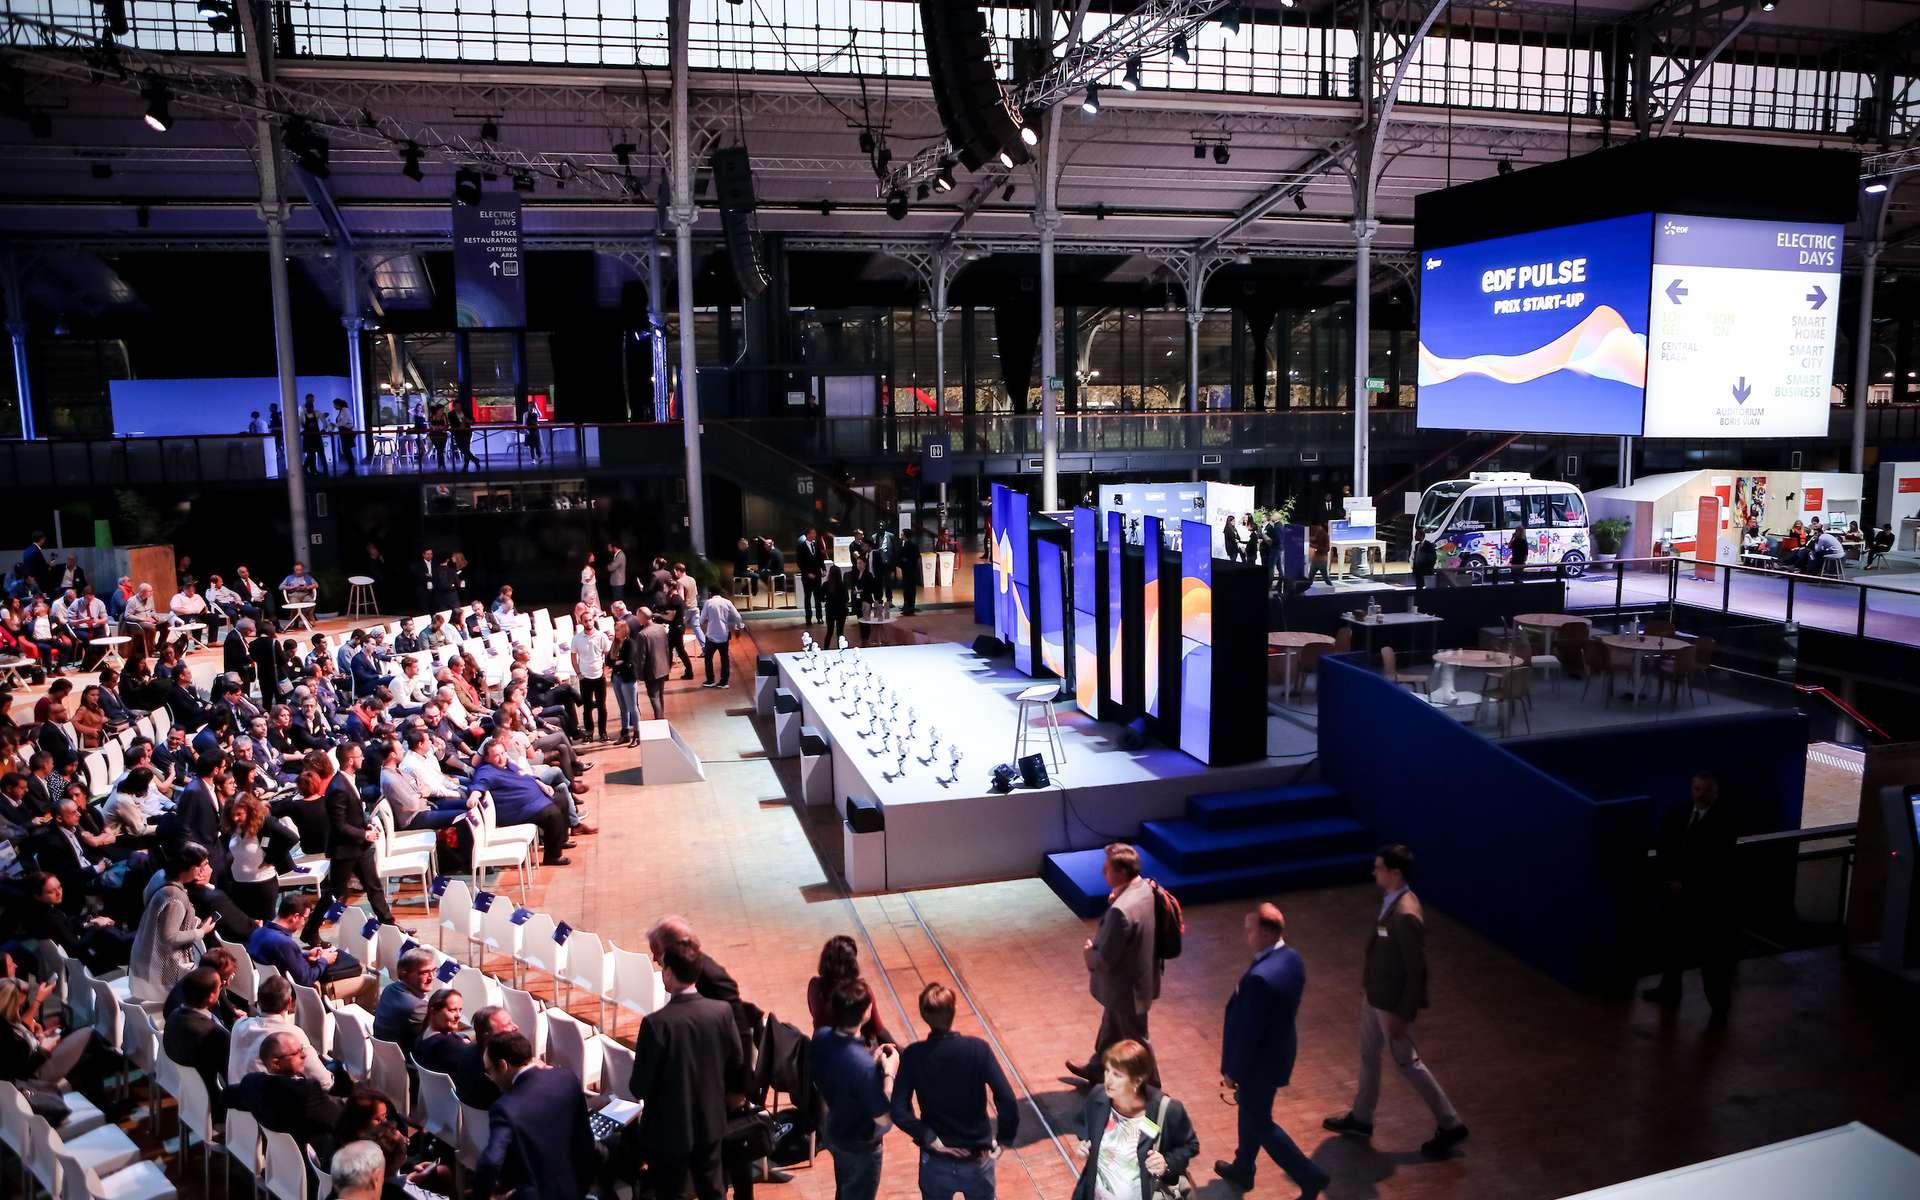 Le prix EDF Pulse récompense chaque année les meilleures start-up dans cinq catégories. © EDF